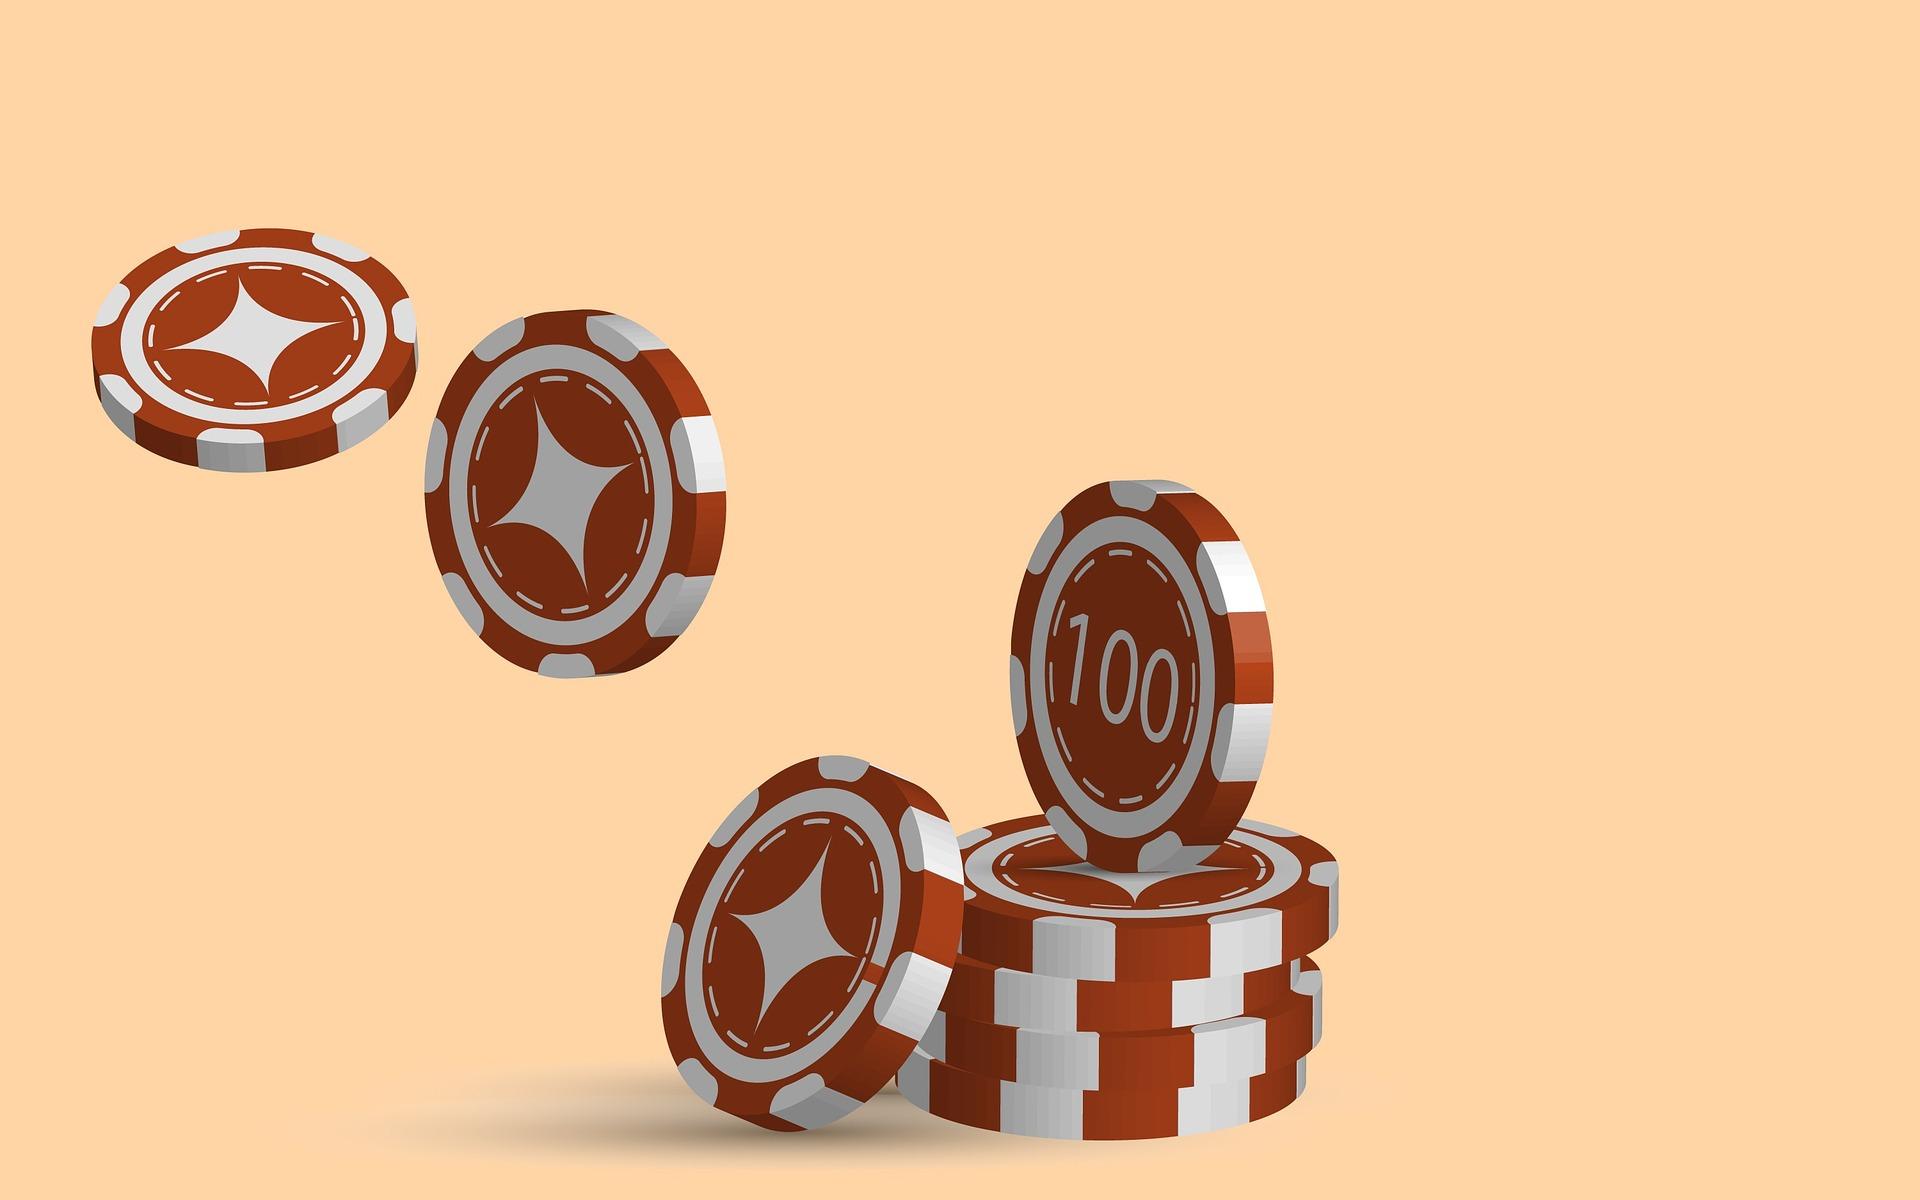 Късметът ли играе главна роля при игра на ротативка, разказват от КазиноБГ